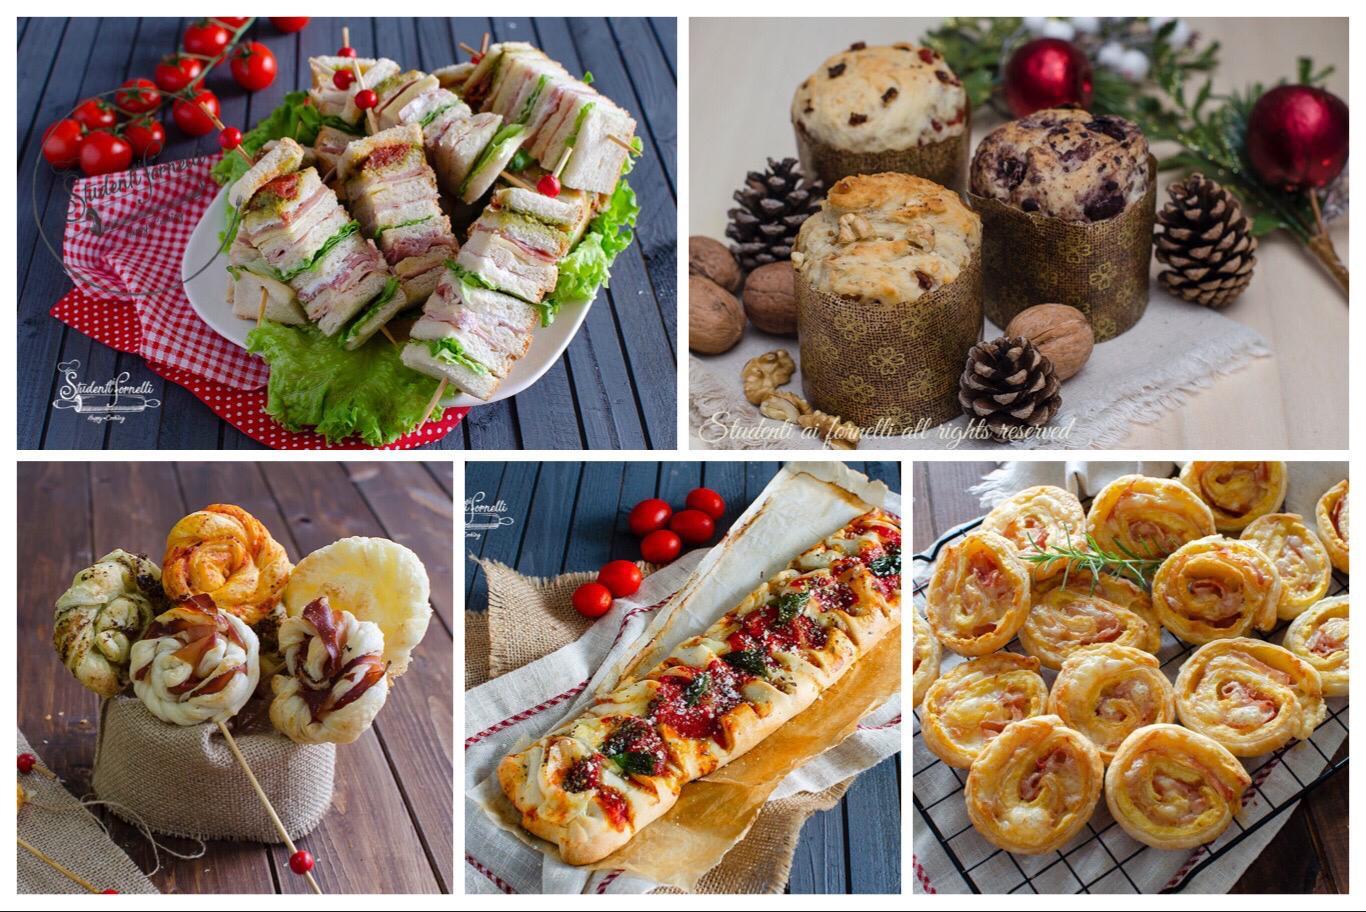 Antipasti Sfiziosi Per Il Giorno Di Natale.12 Antipasti Sfiziosi Per Natale Facilissimi Veloci Troppo Buoni